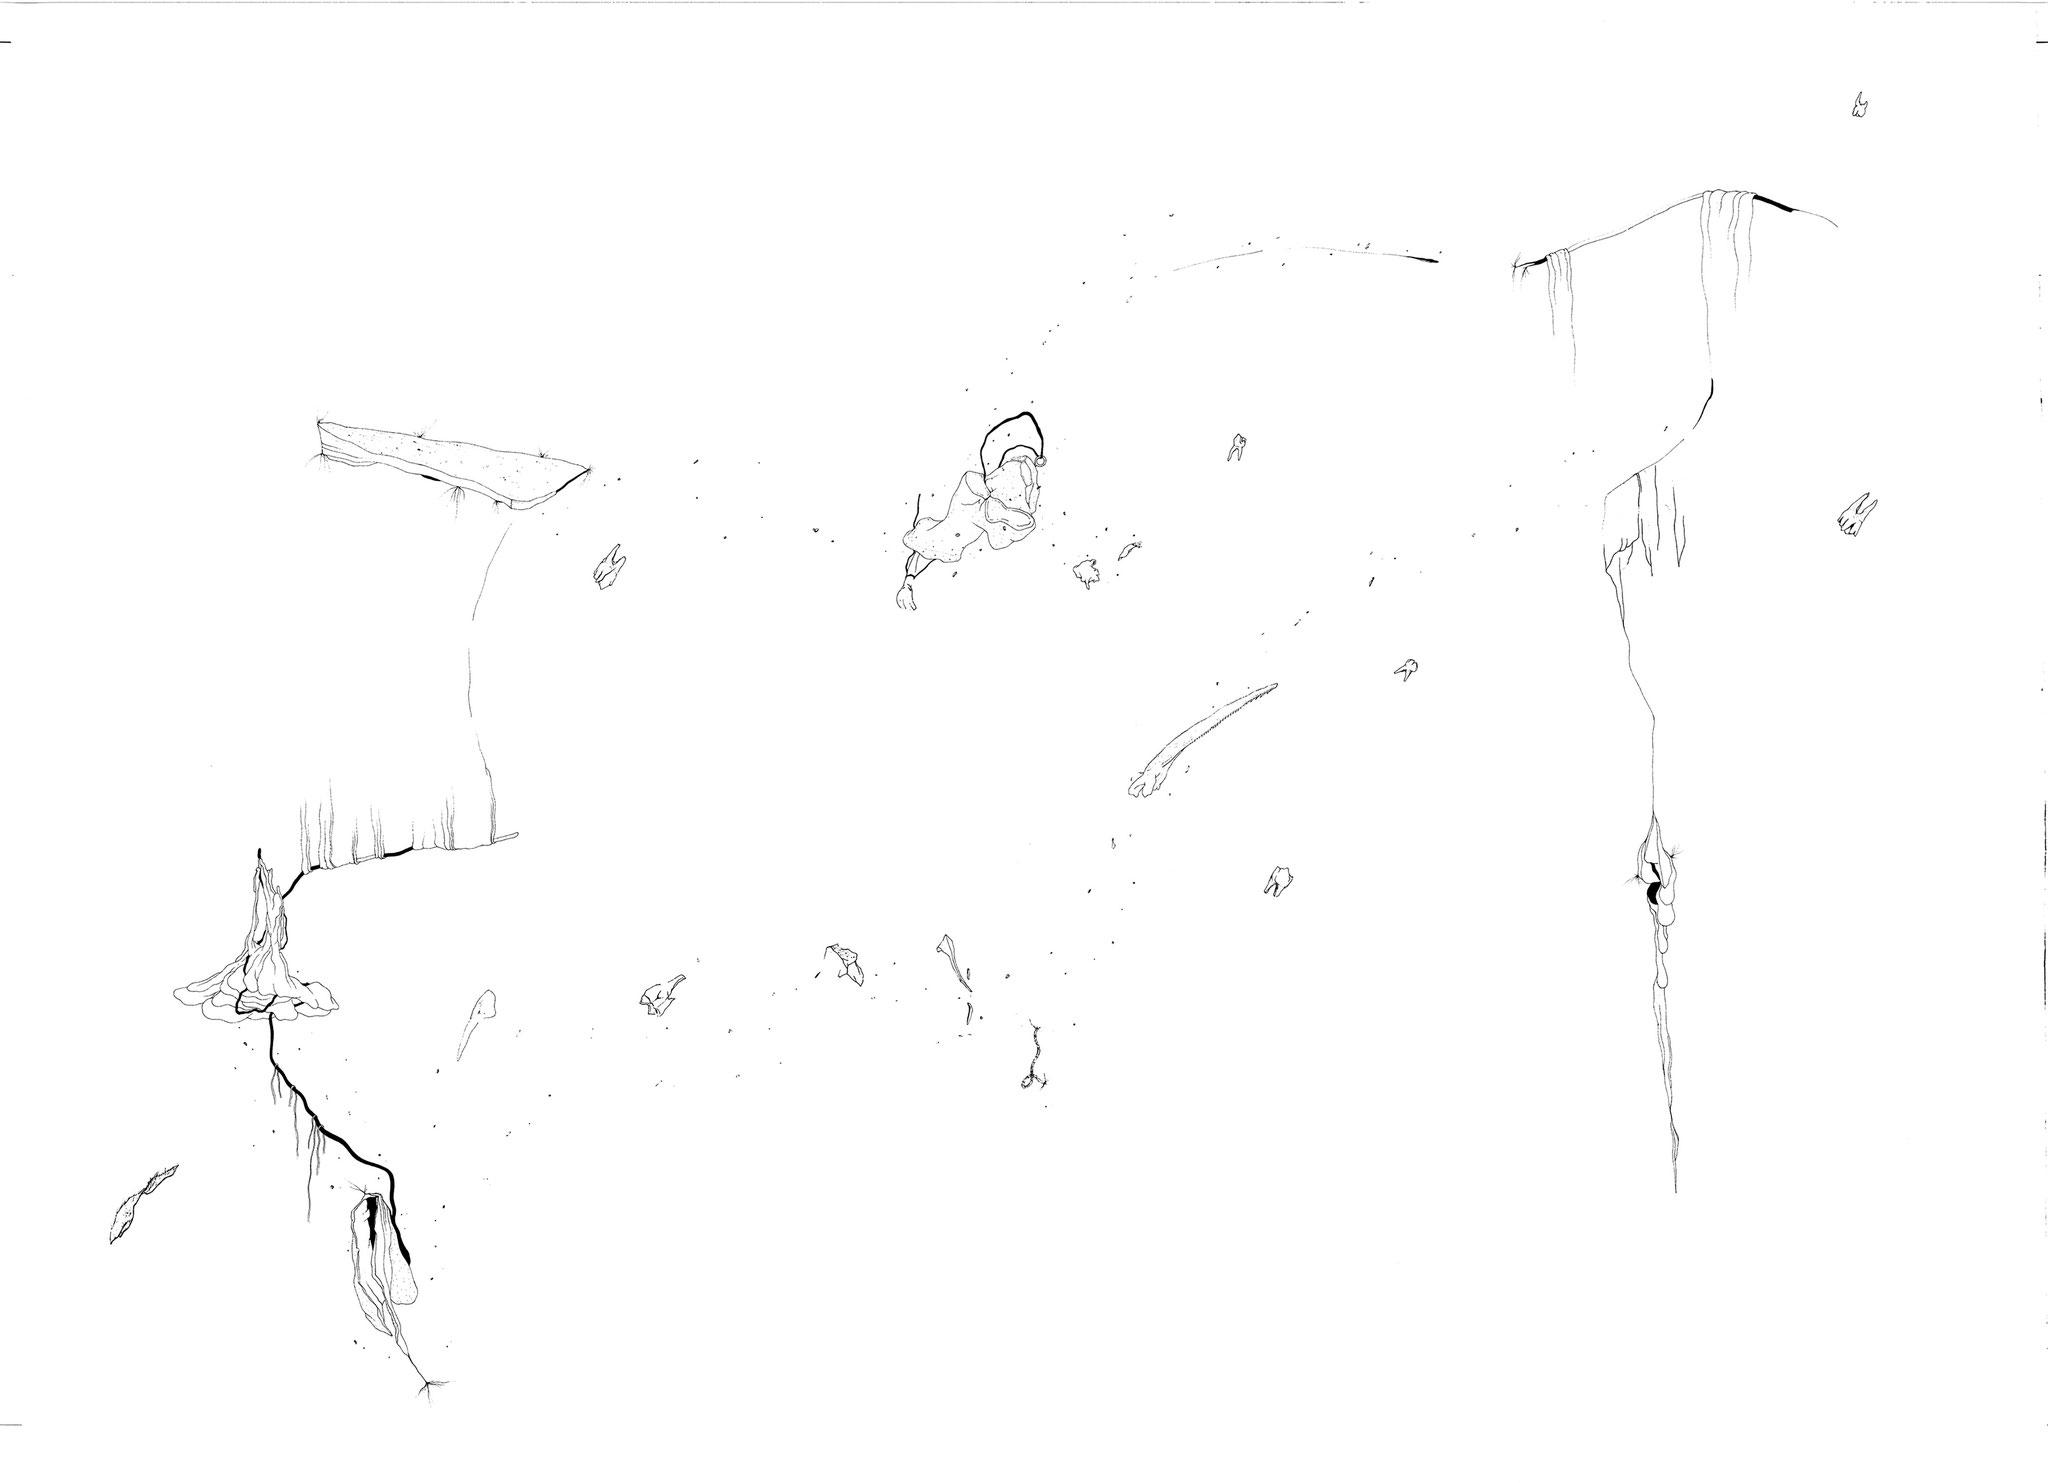 Parodonte, 2018. Plume et encre, rotring sur papier, 78 x 110 cm